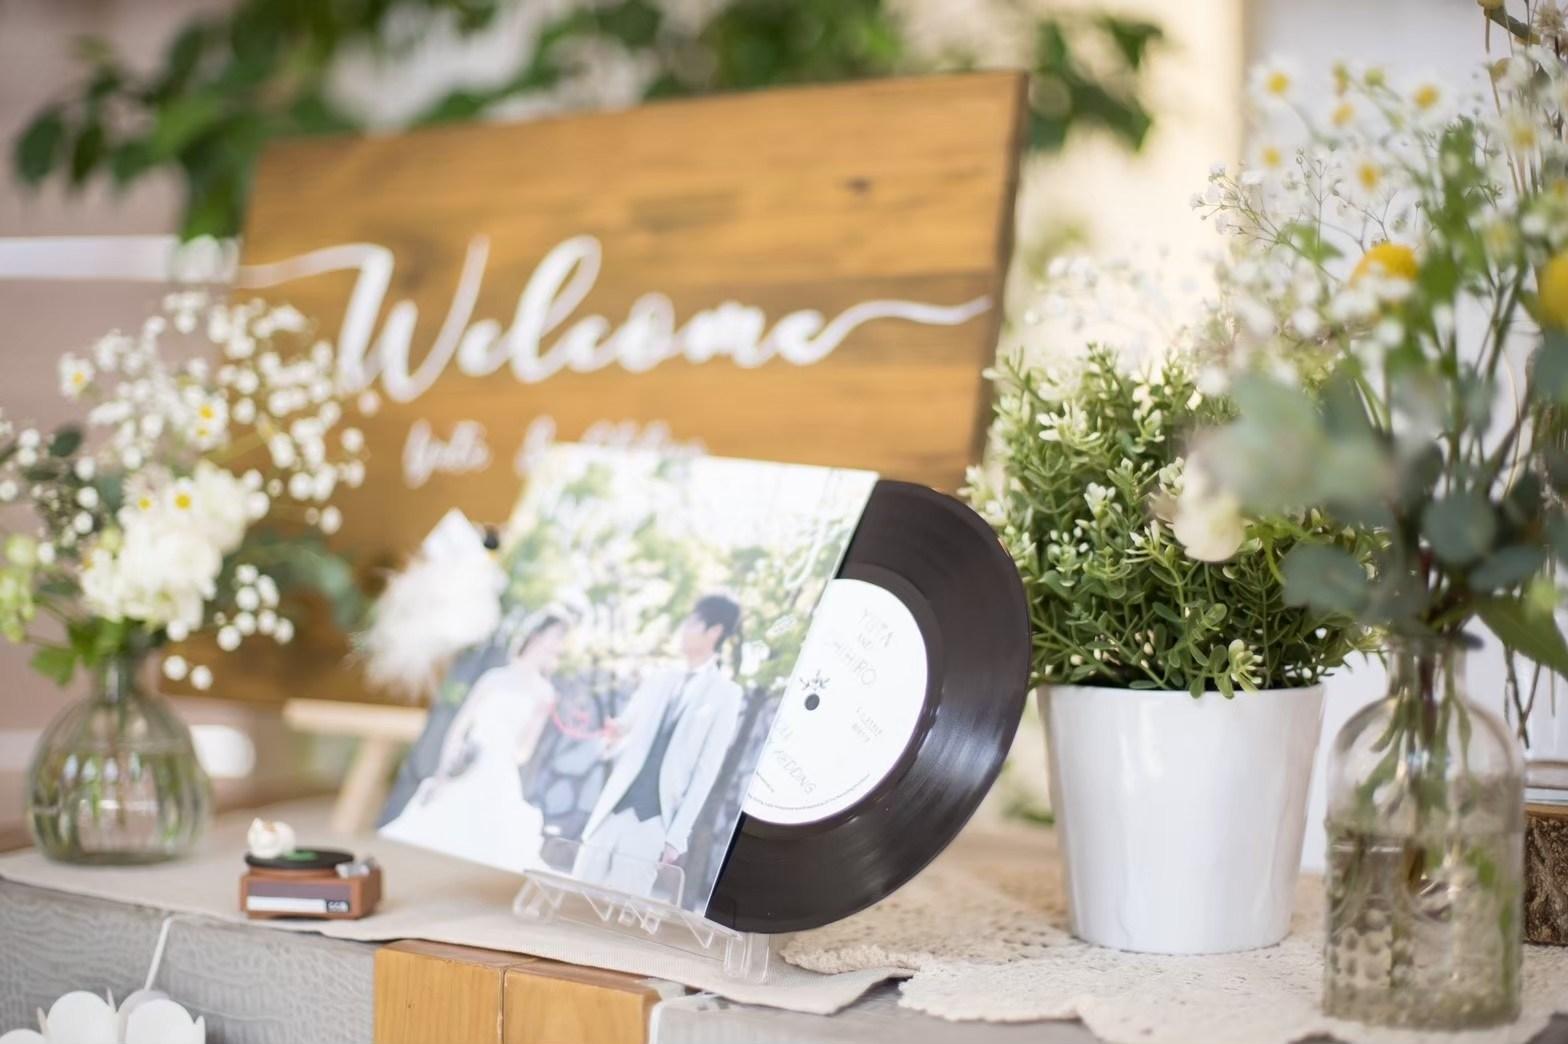 香川県の人気の結婚式場のシェルエメール&アイスタイルのおしゃれグッズ